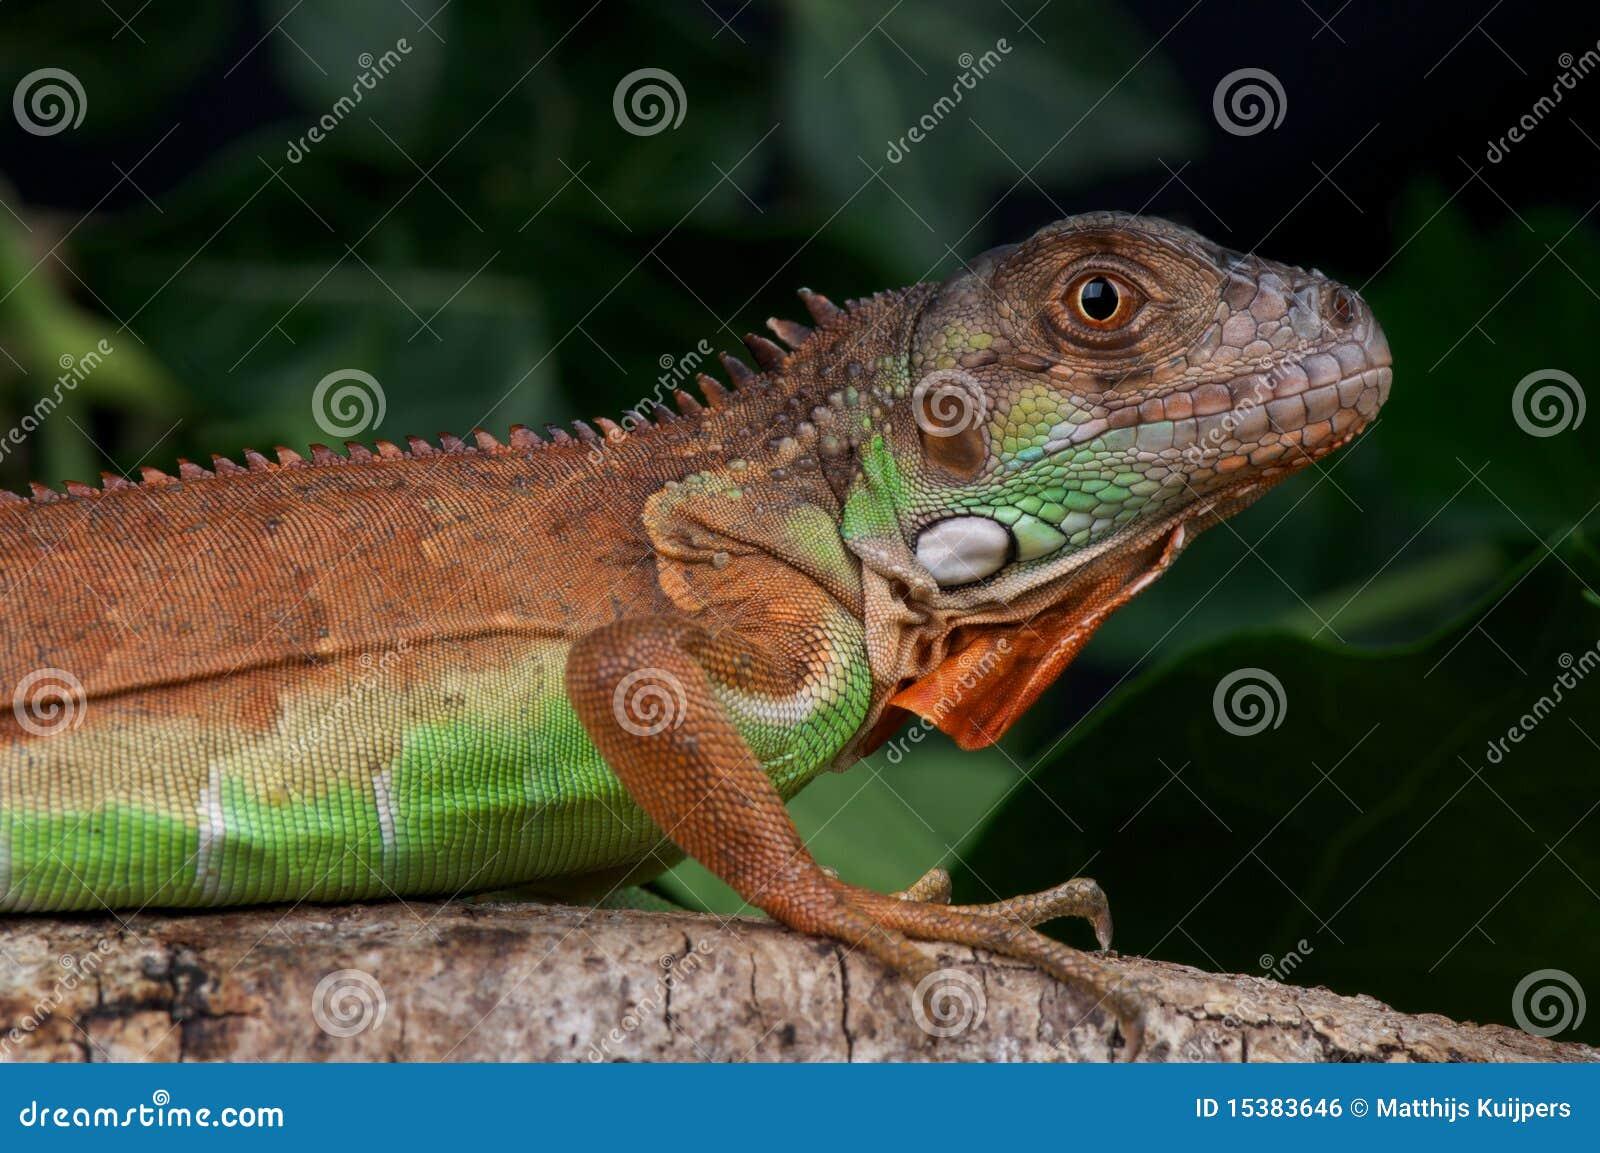 Red Iguana Royalty Free Stock Image - Image: 15383646